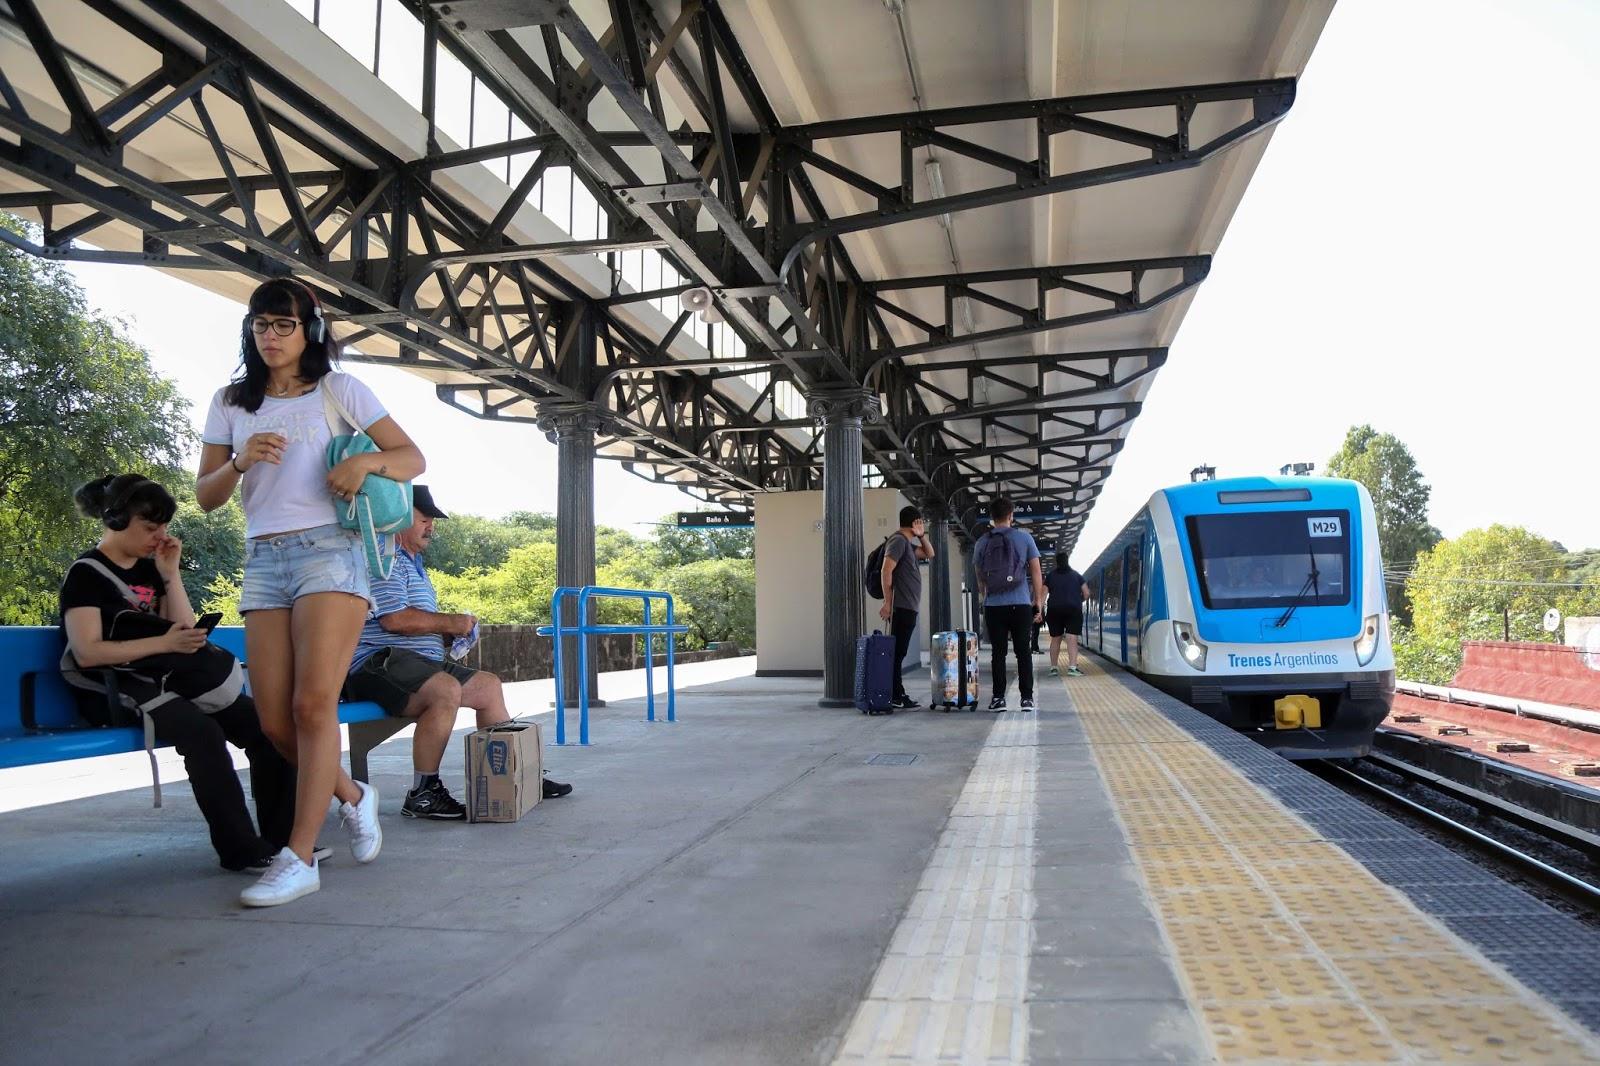 Hermosa Reanudar El Conductor Del Ferrocarril De Plantillas ...